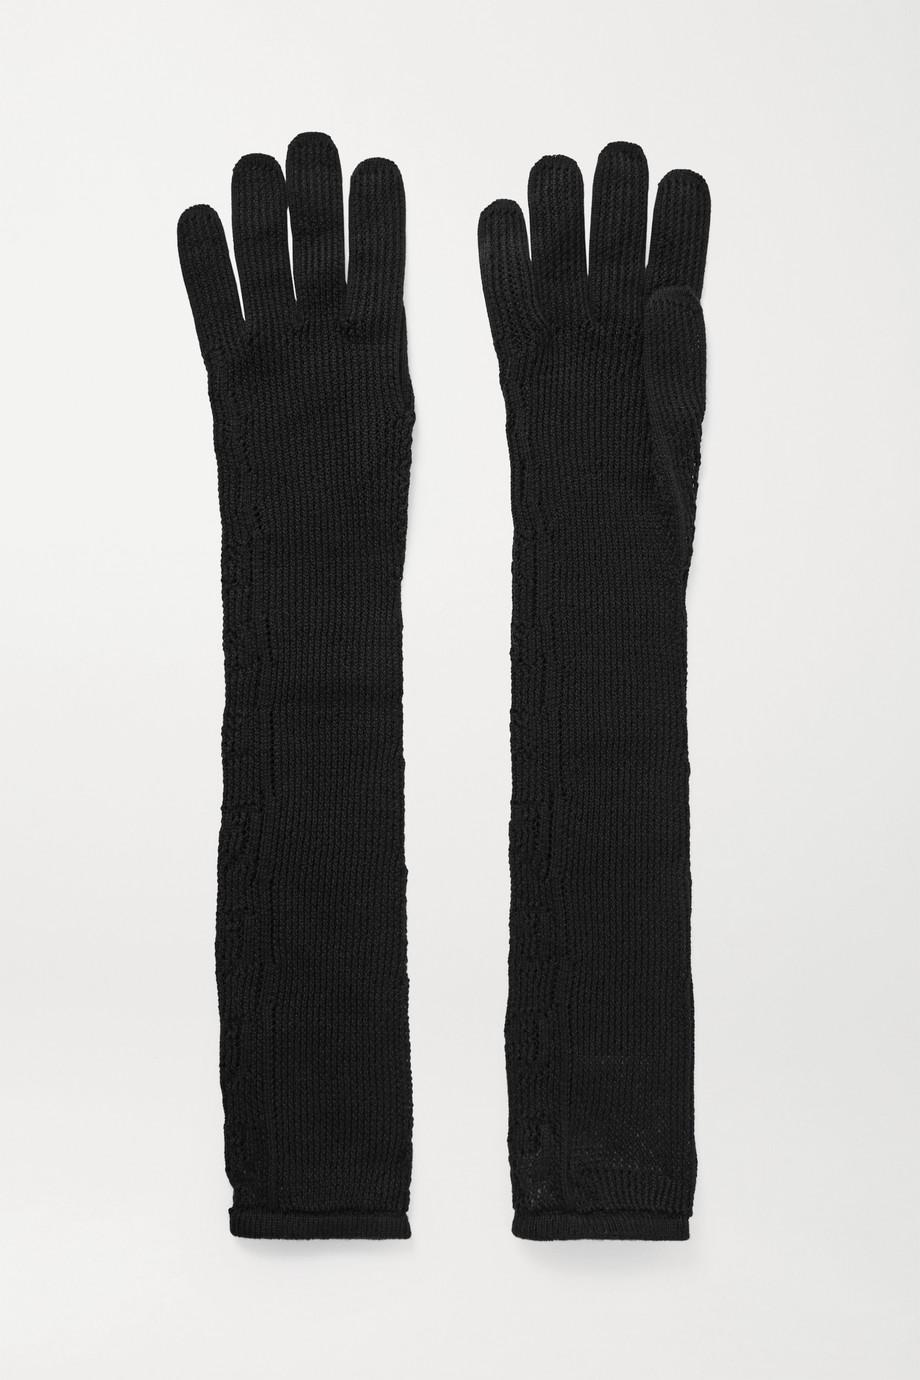 Gucci Handschuhe aus Pointelle-Strick aus einer Baumwollmischung